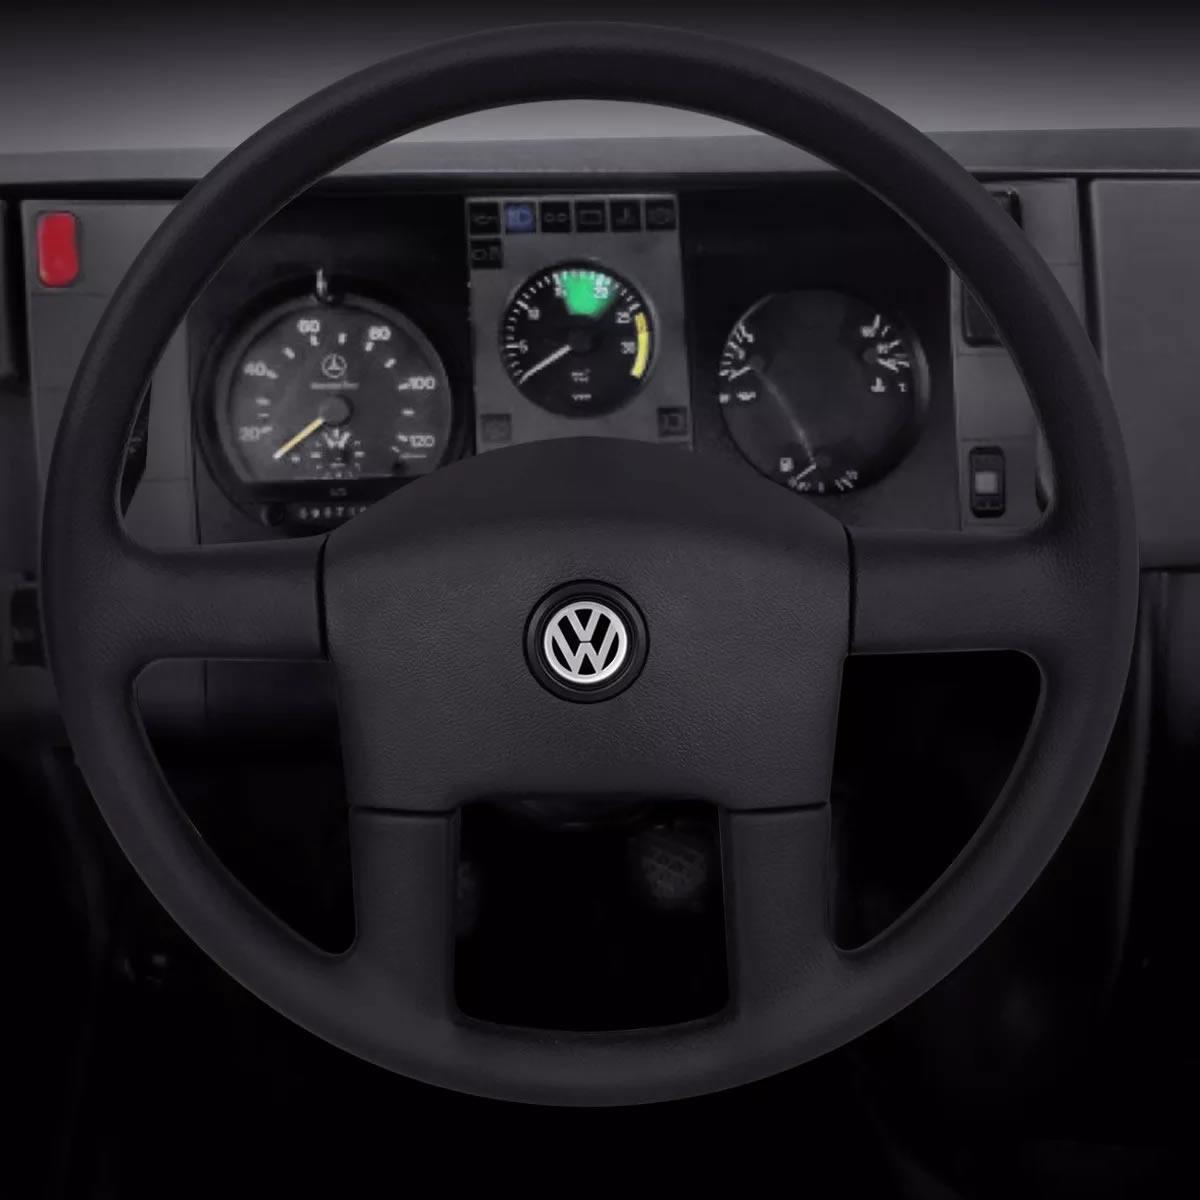 Volante Original Volkswagen Cubo Constellation Delivery Atacado Poliparts